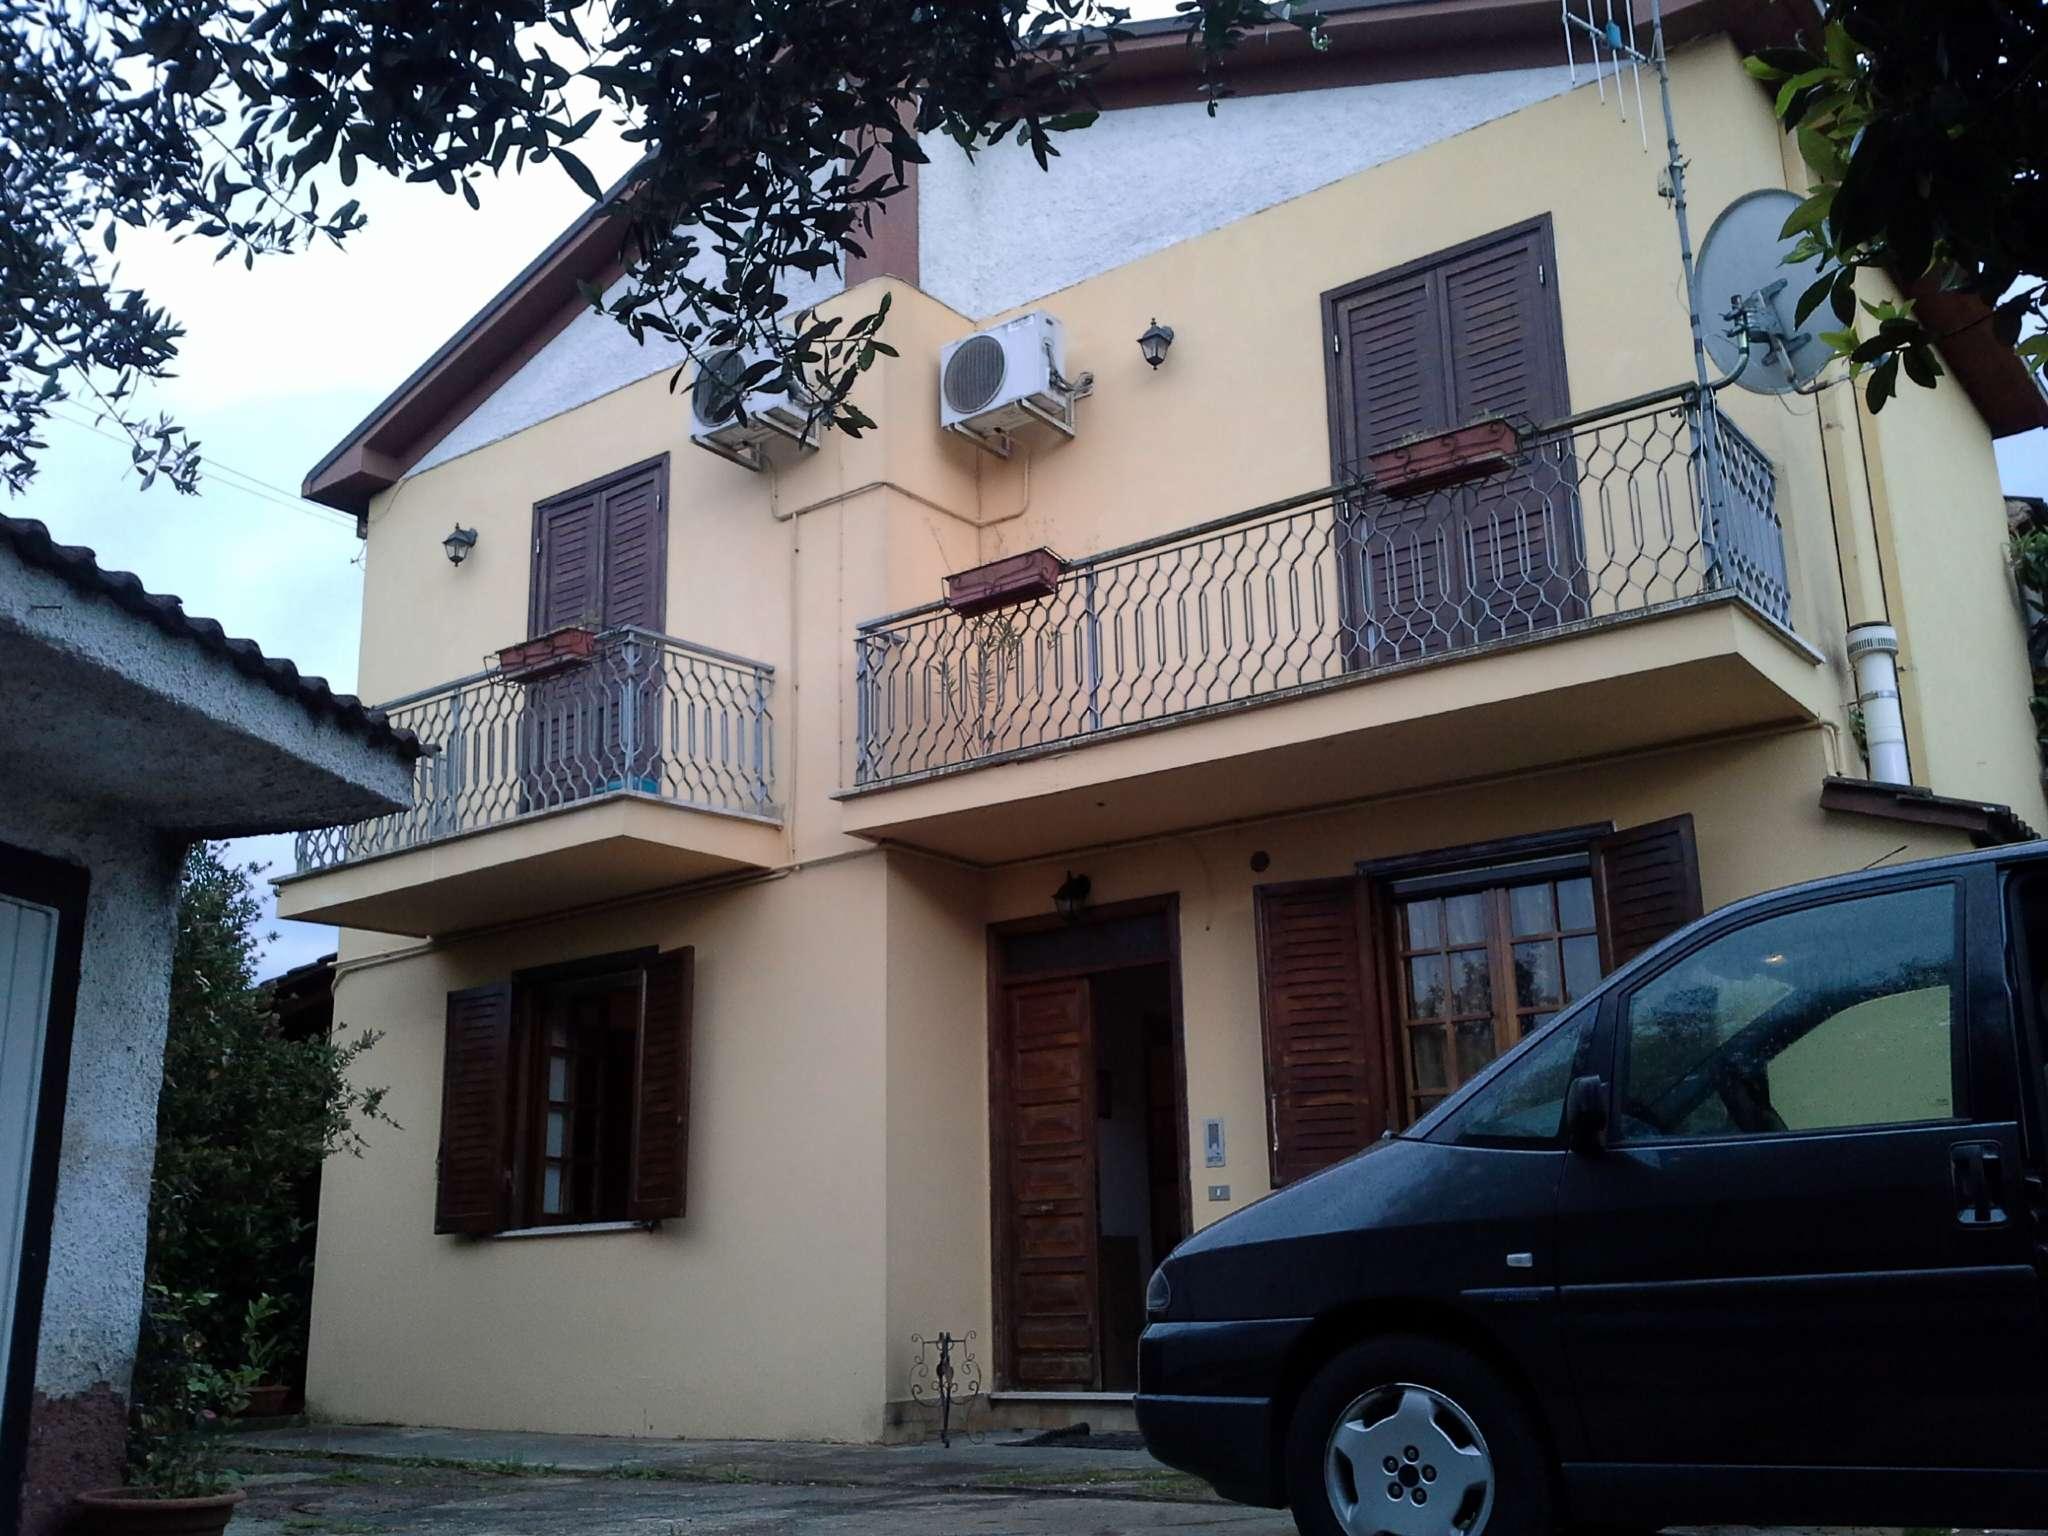 Casa indipendente 6 locali in vendita a Frosinone (FR)